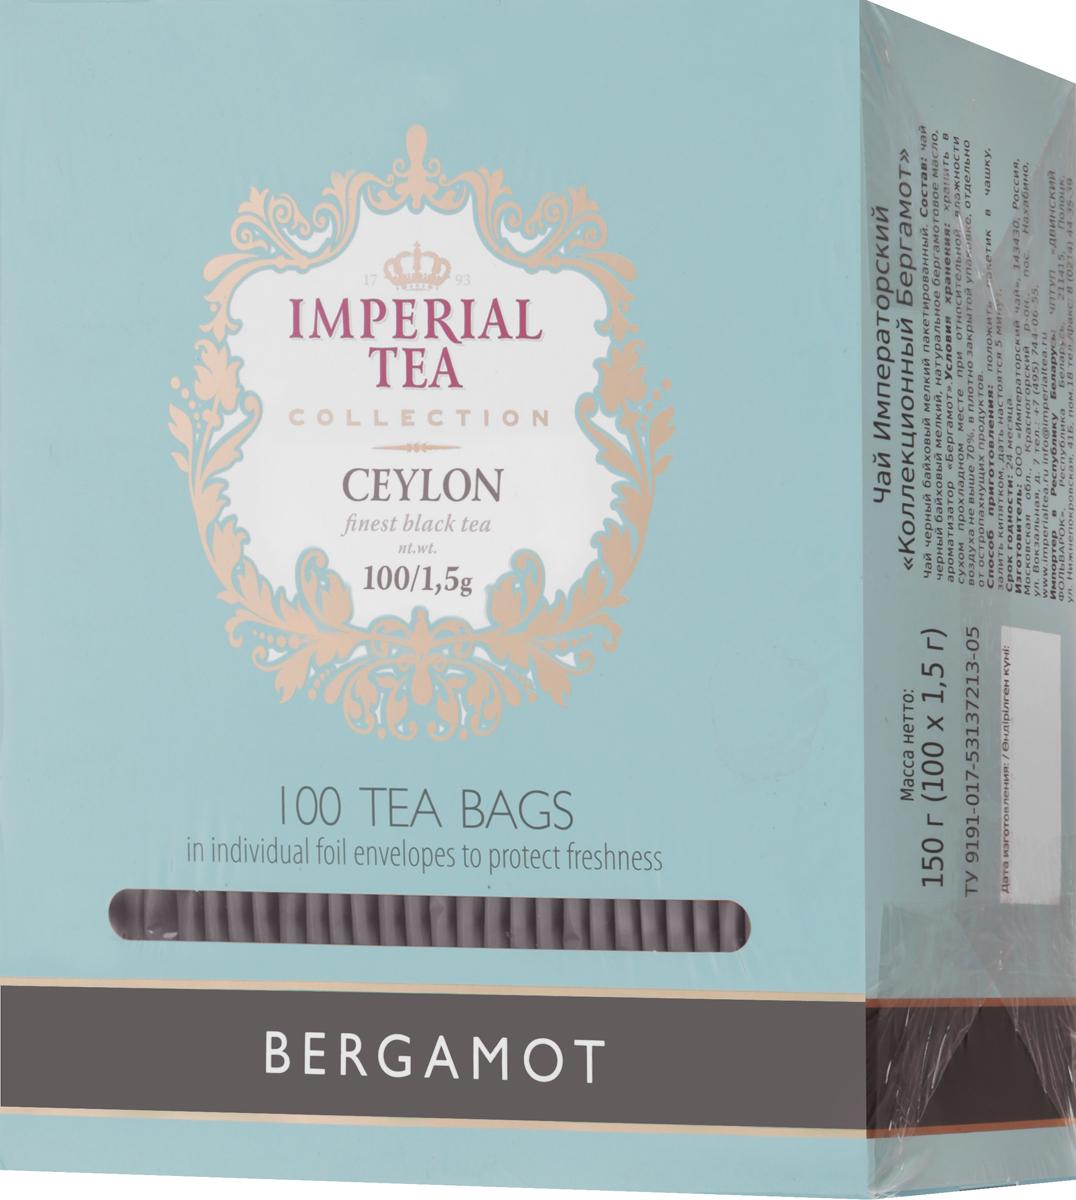 Императорский чай Collection Бергамот, 100 шт императорский чай collection бергамот 25 шт